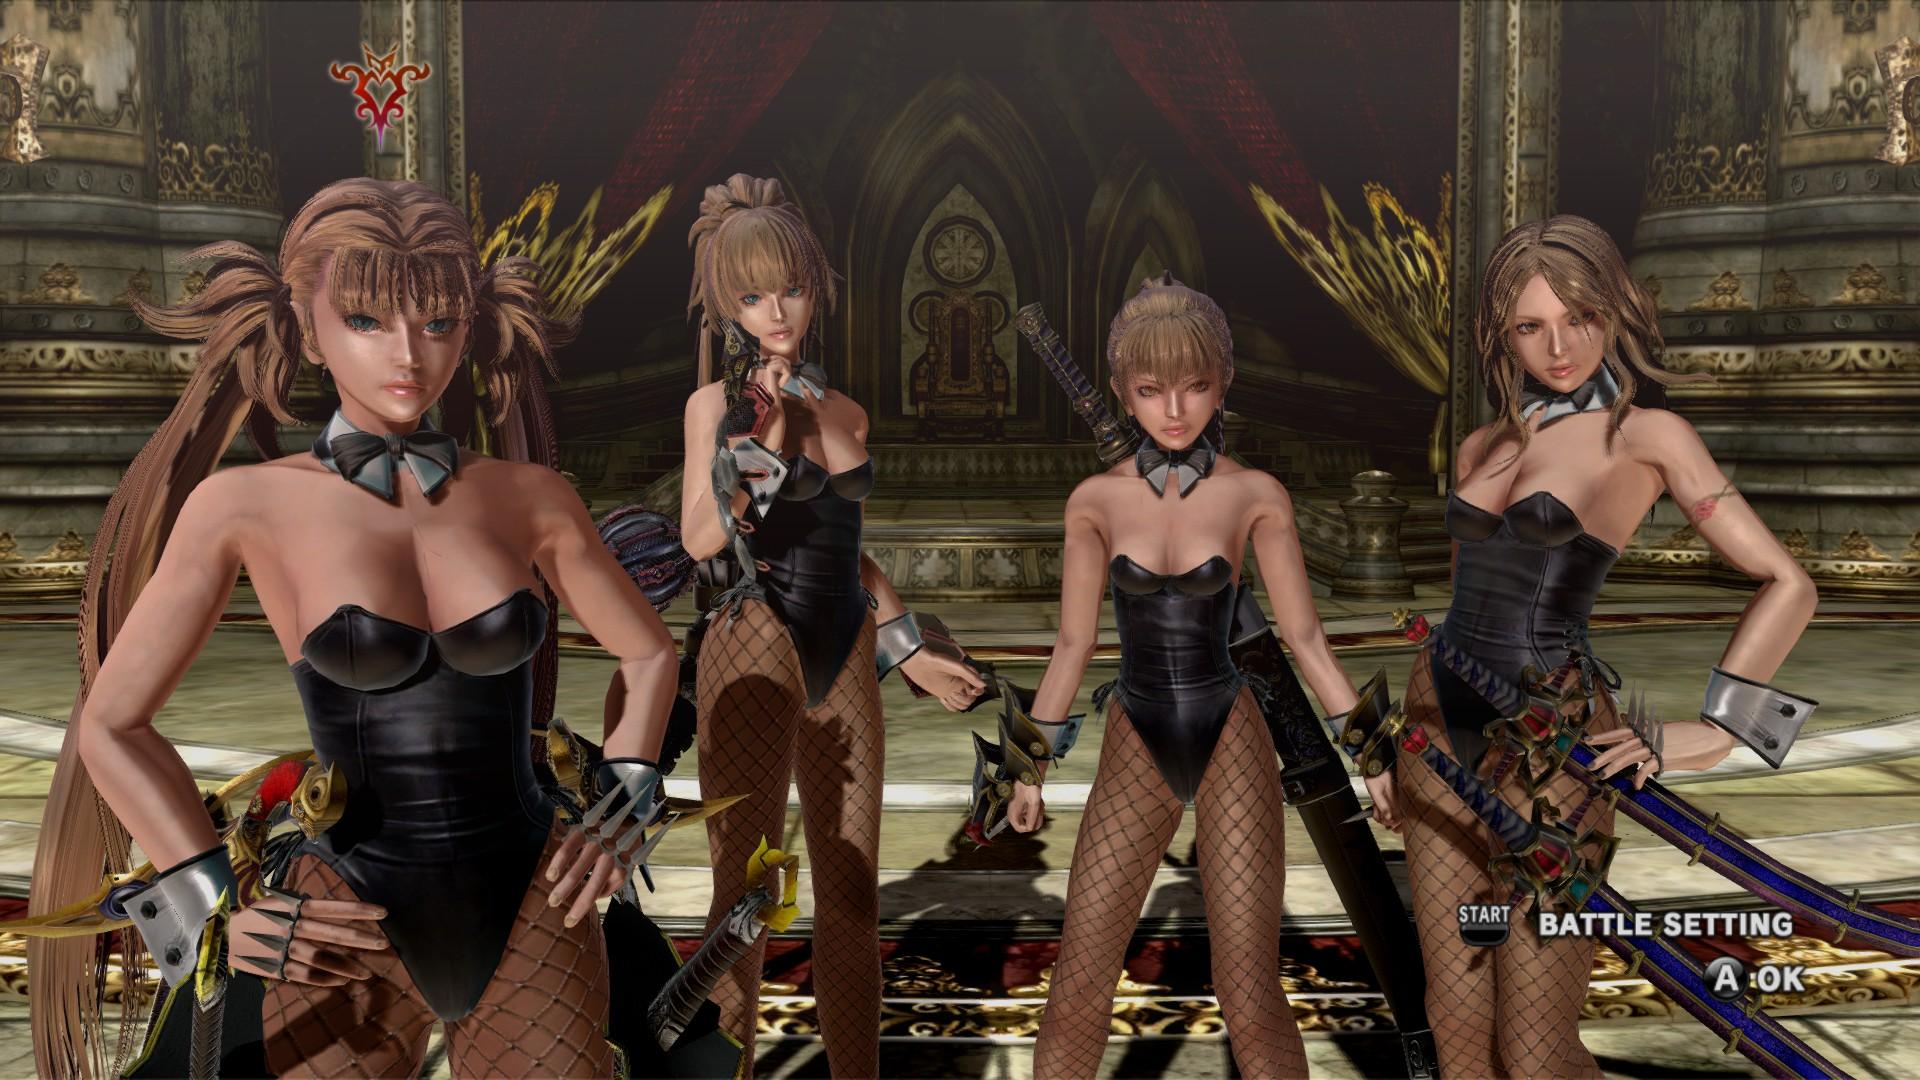 Steam Community Screenshot Sexy Girls Zombies Onechanbara D